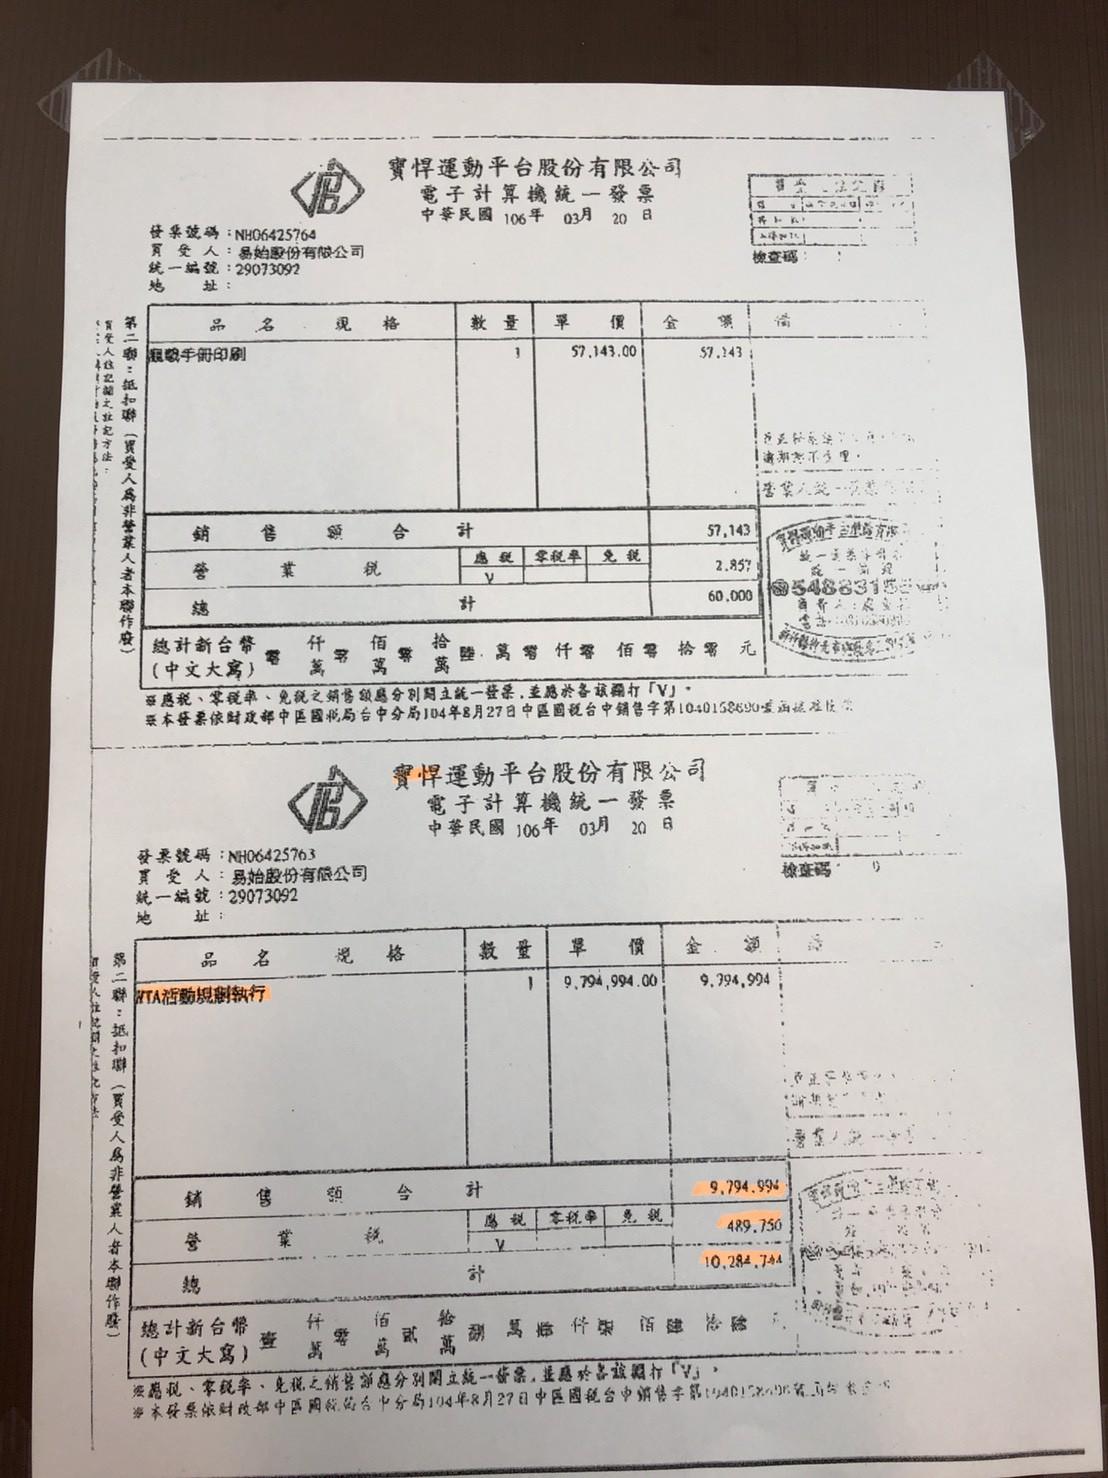 ▲▼寶桿運動平台股份有限公司電子計算機統一發票。(圖/記者楊亞璇翻攝)